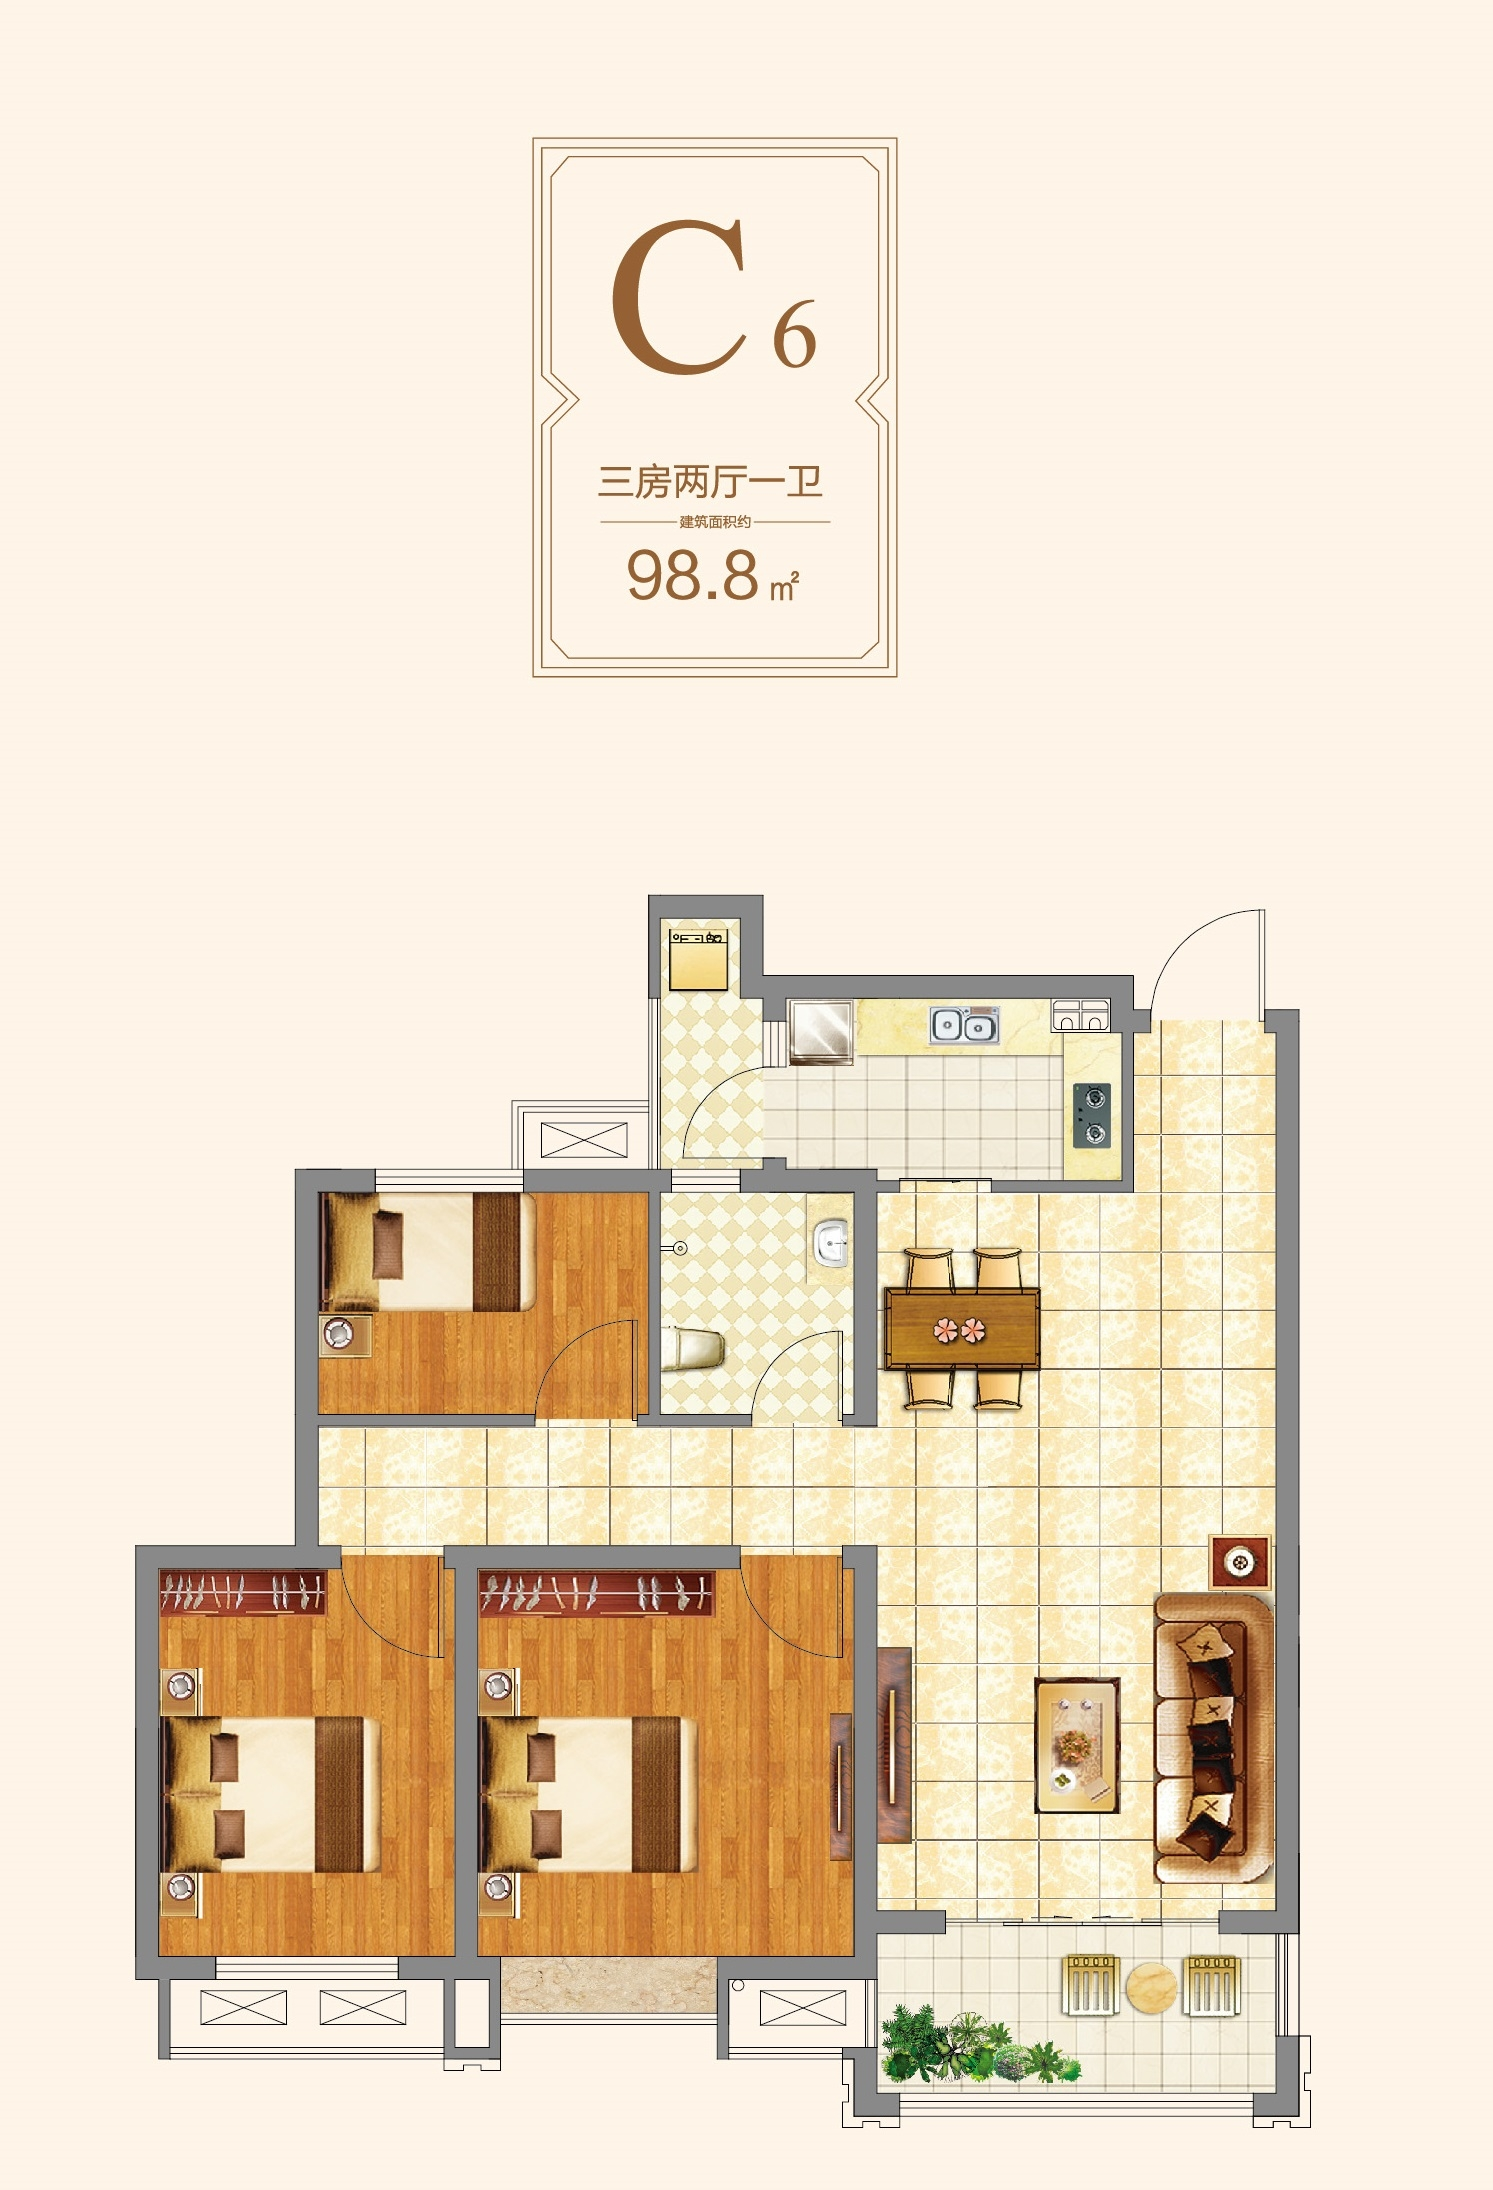 信德悦城C6户型图-98.8